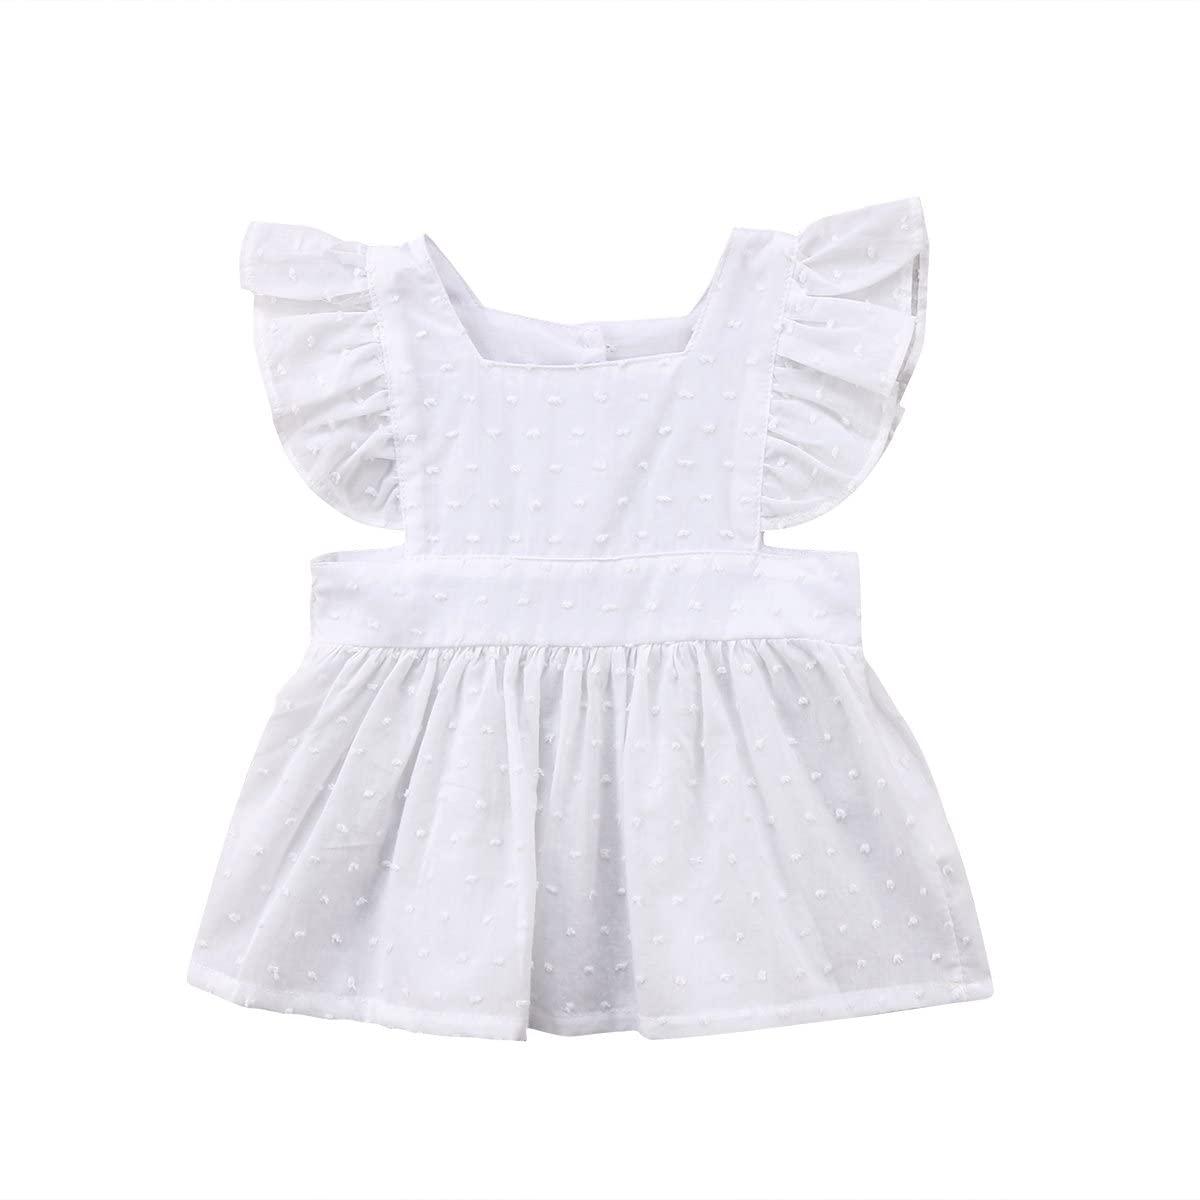 신생아 아기 GILRS 인과 화이트 프릴 블라우스 탑 셔츠 여름